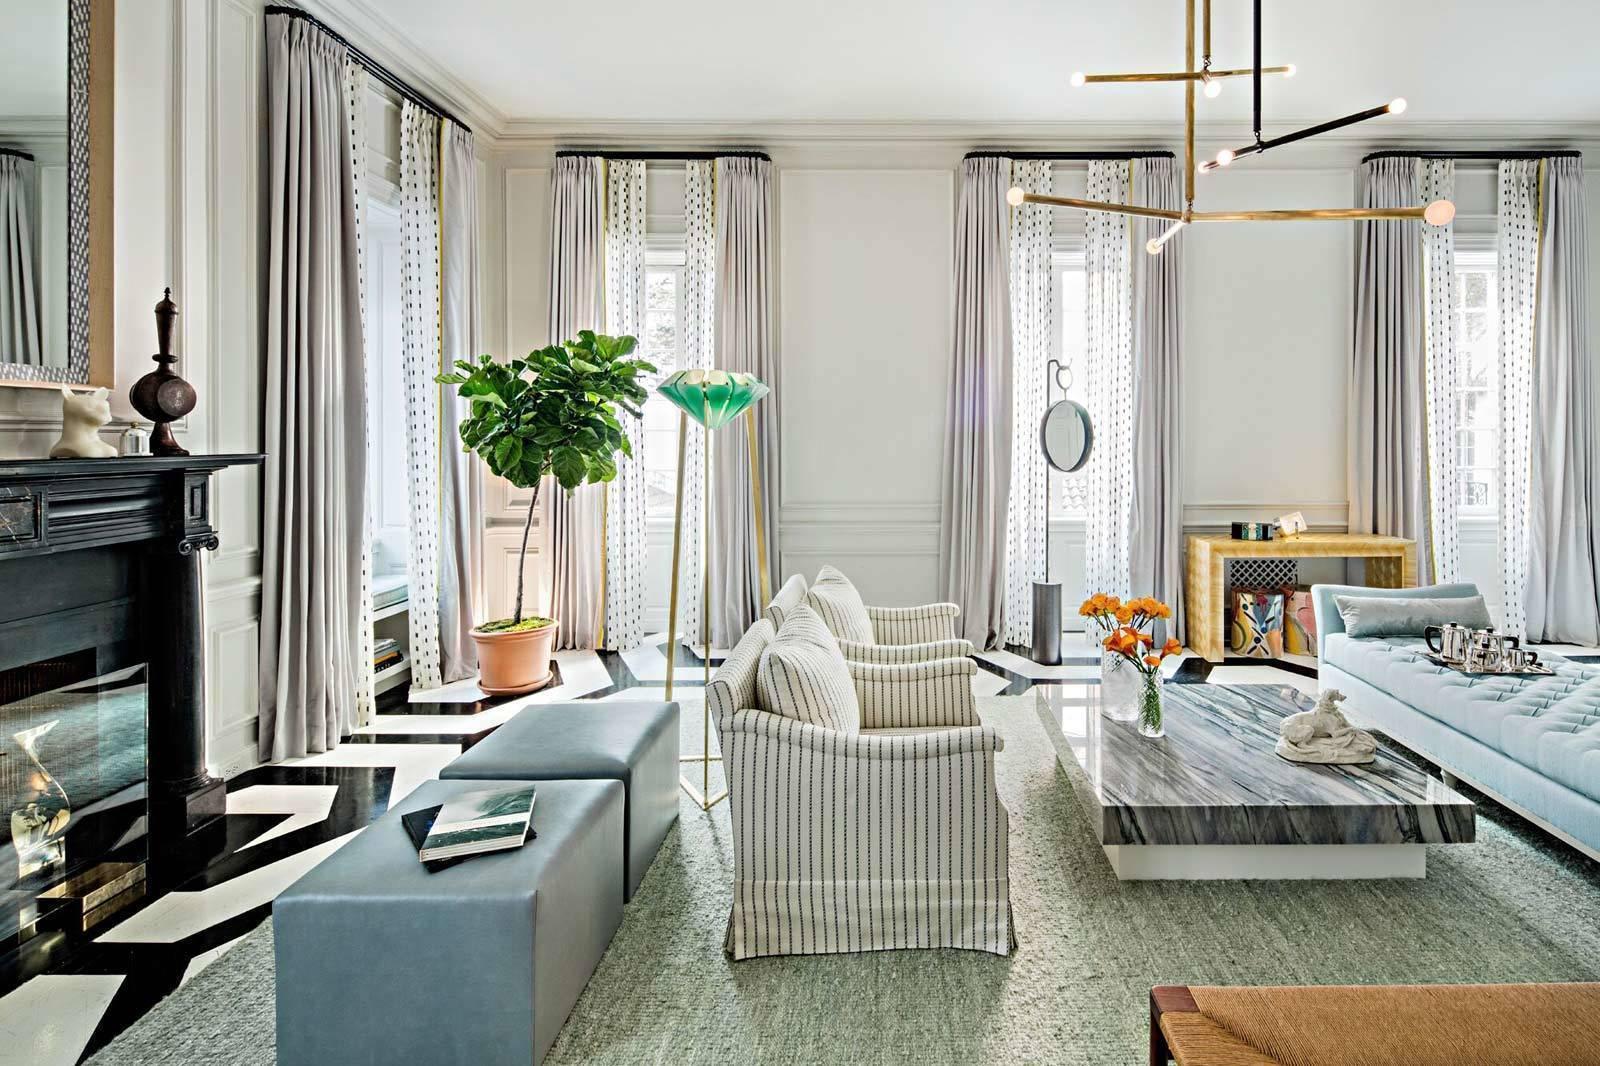 Thiết kế phòng khách của Paris Foniro đẹp một cách thanh tao và nhẹ nhàng. Cùng với đó, một loạt các đồ vật trang trí thủ công được nhập từ khắp nơi trên thế giới đã tạo nên sự phong phú và nổi bật về nội thất cho căn phòng